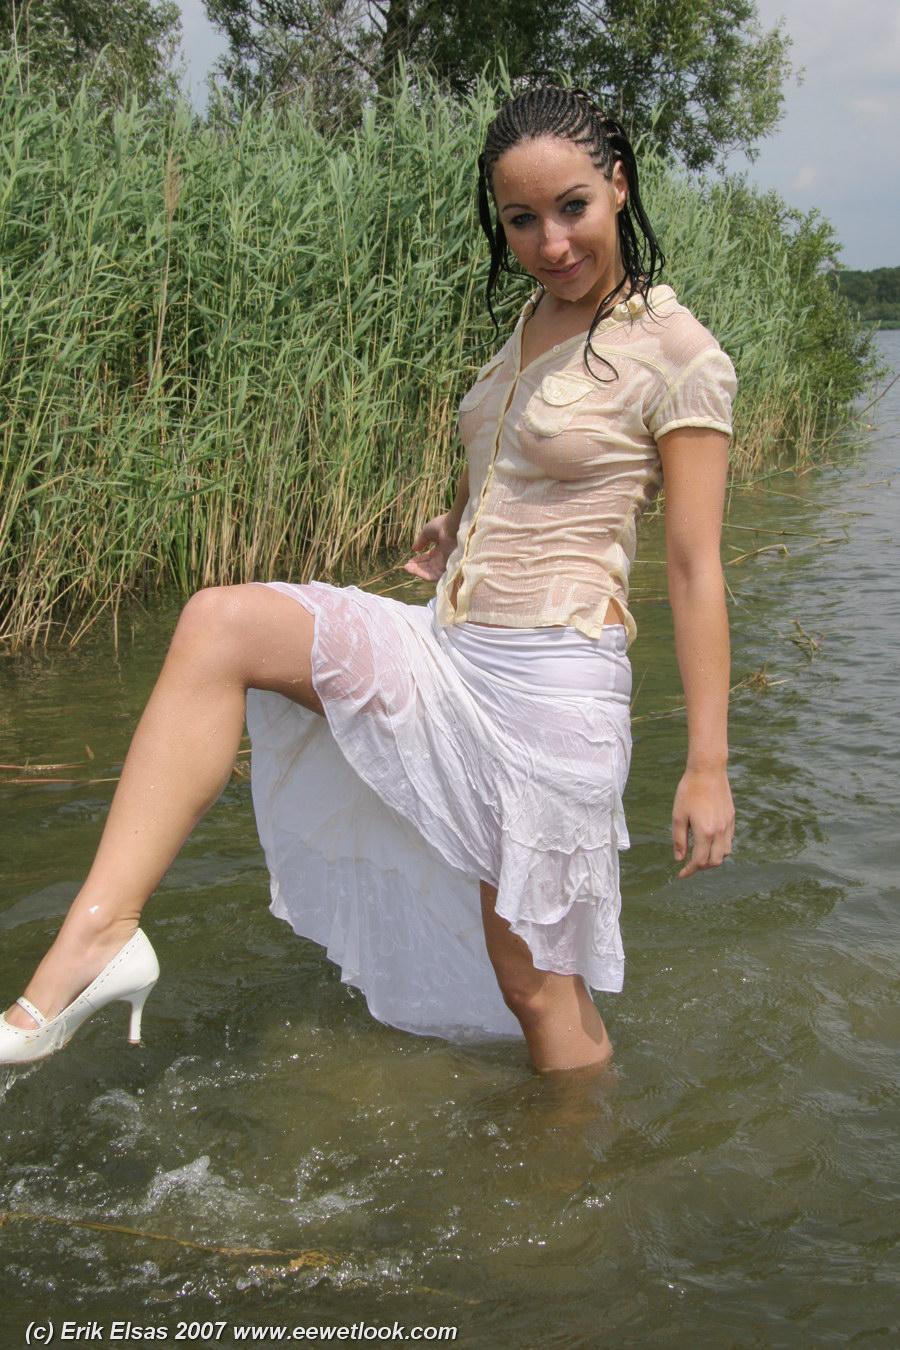 Соски торчащие через мокрое 5 фотография